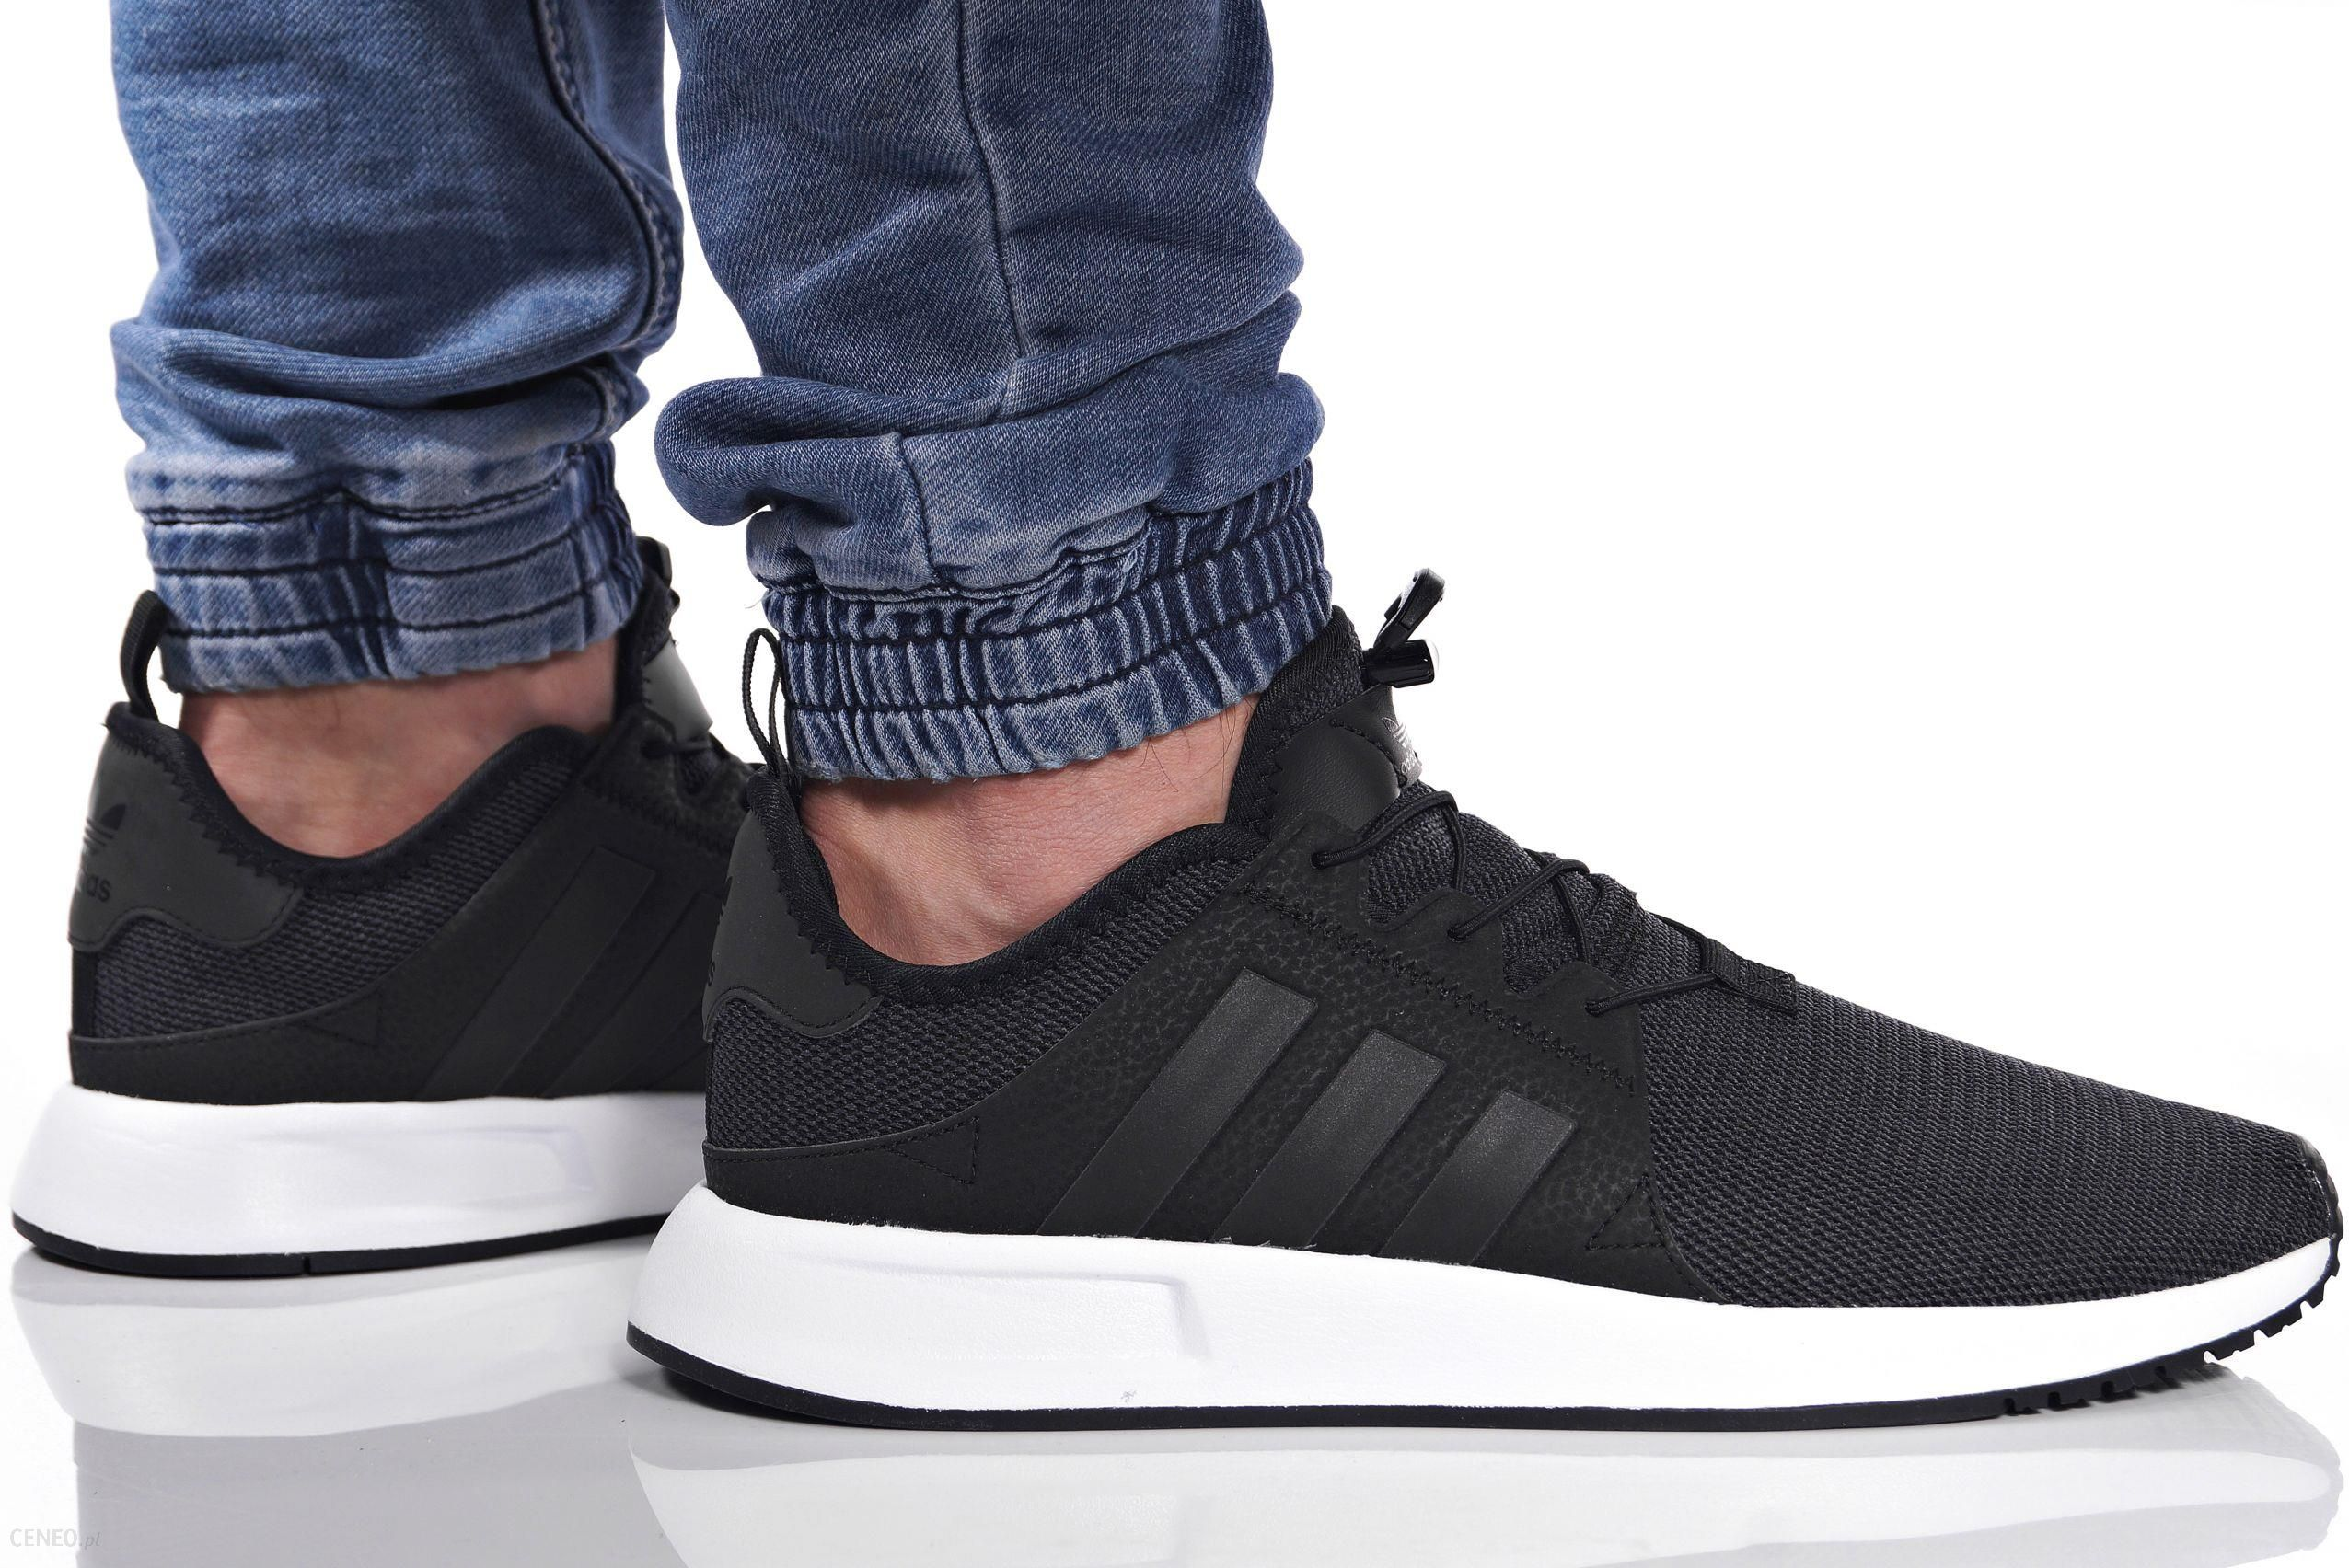 sports shoes 2ef2c 8d690 OBUWIE ADIDAS XPLR BB1100 - zdjęcie 1